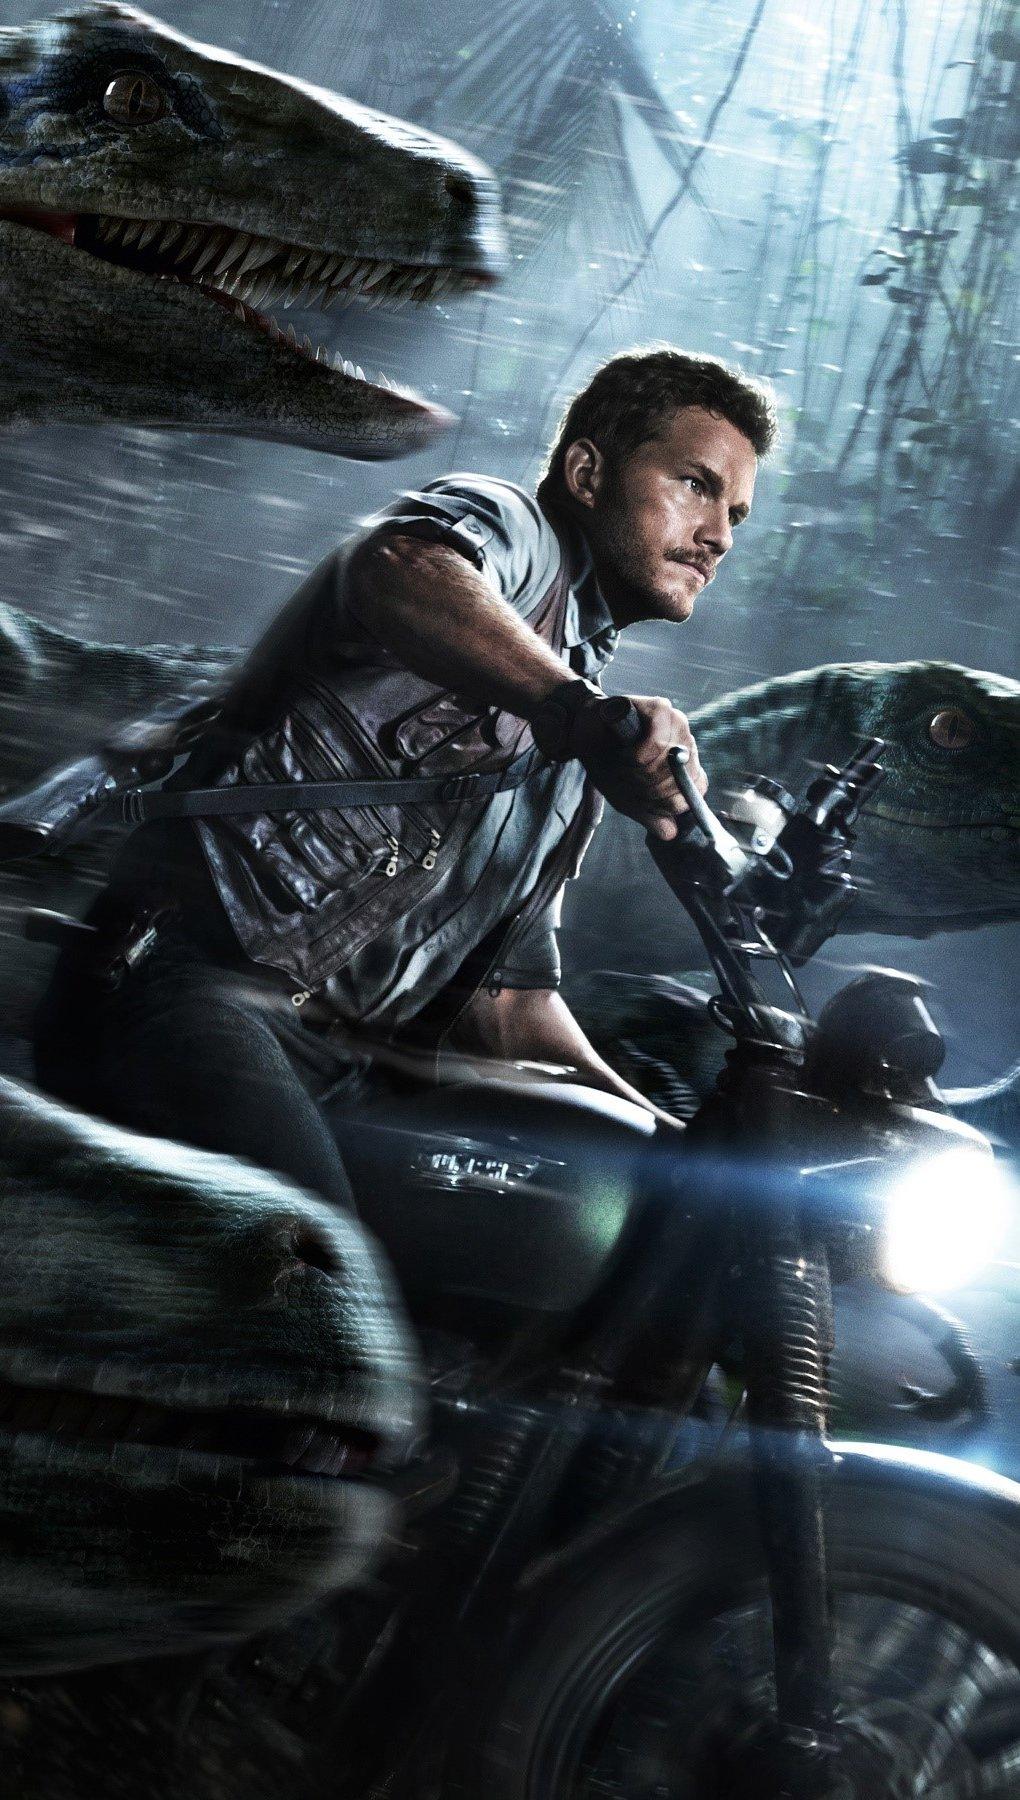 Wallpaper Chris Pratt in Jurassic World Vertical